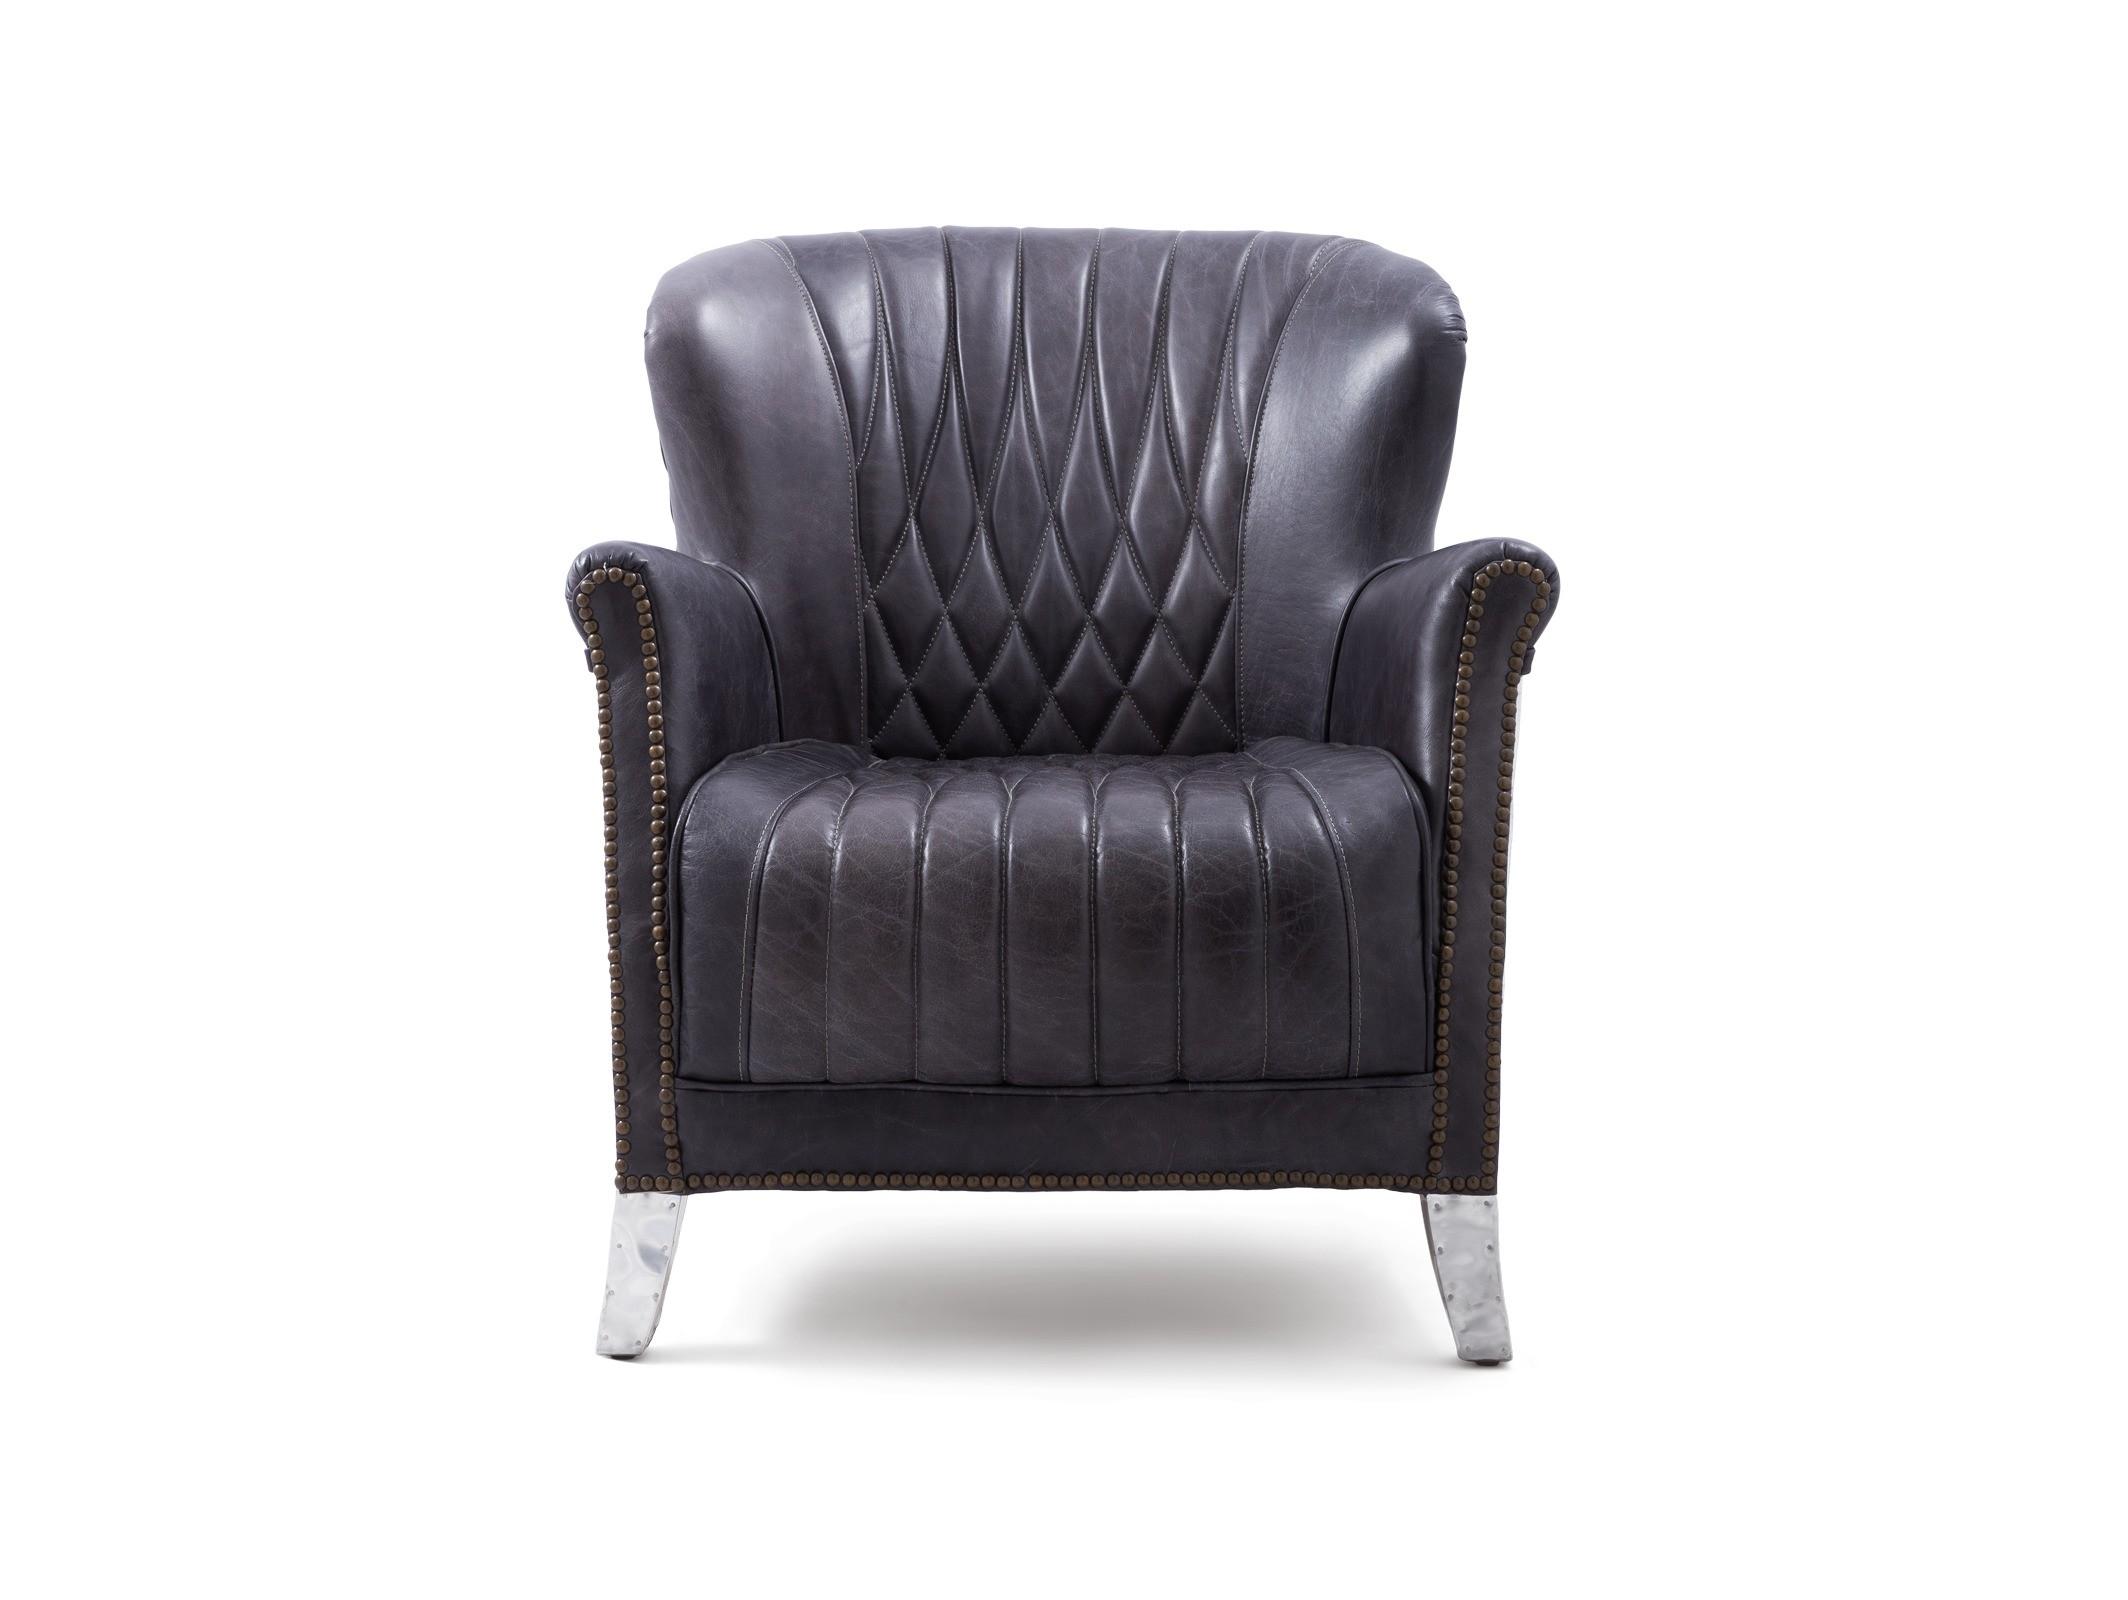 Кресло DenderИнтерьерные кресла<br><br><br>Material: Кожа<br>Ширина см: 74<br>Высота см: 78<br>Глубина см: 80